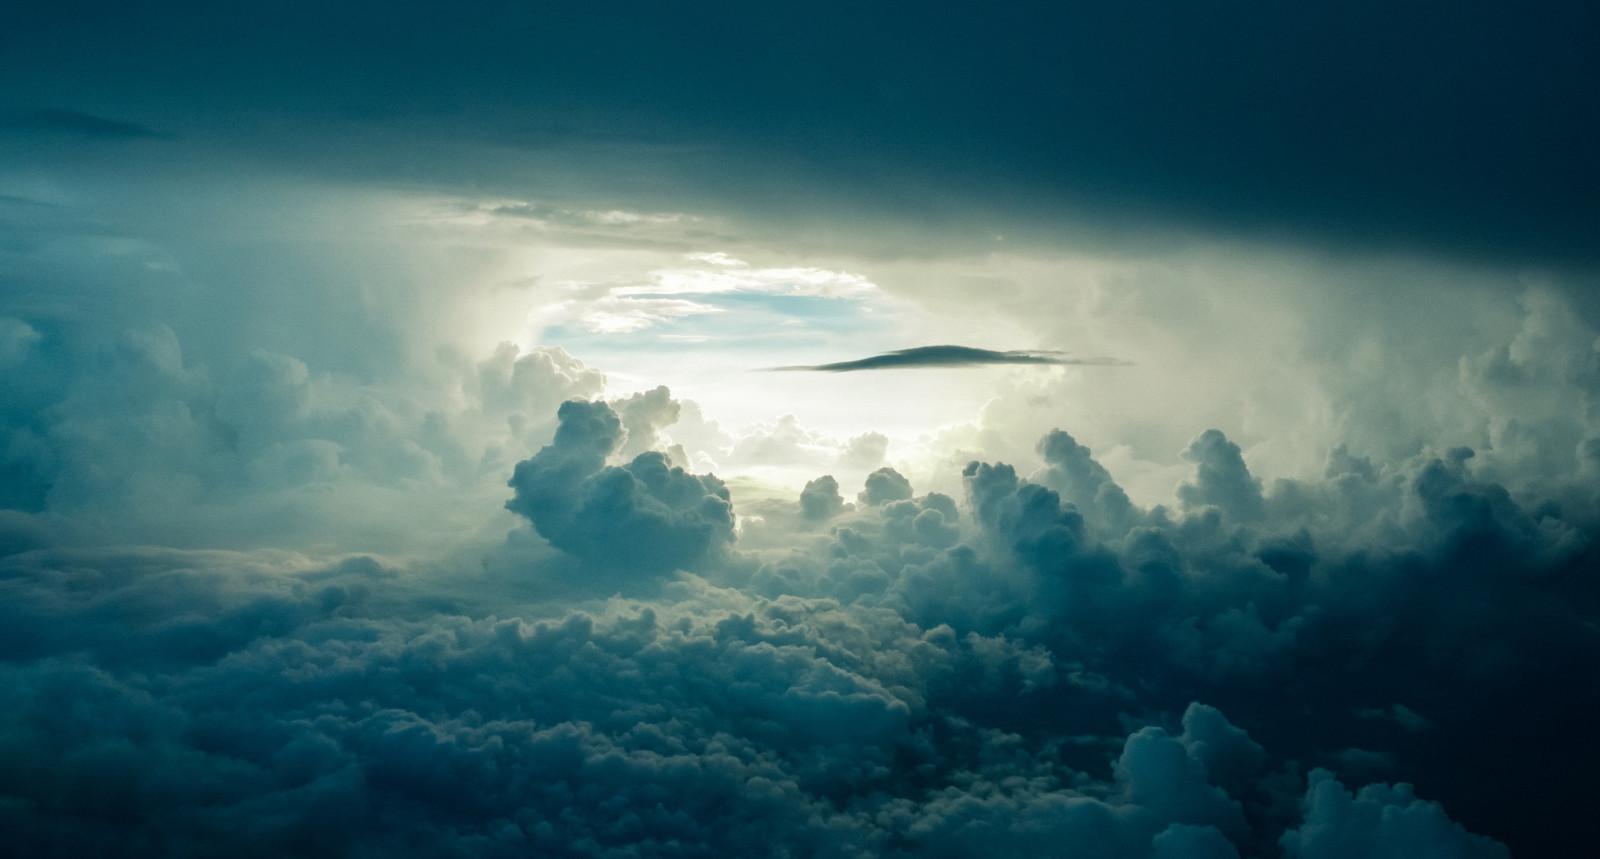 Fotos de un dia nublado 5